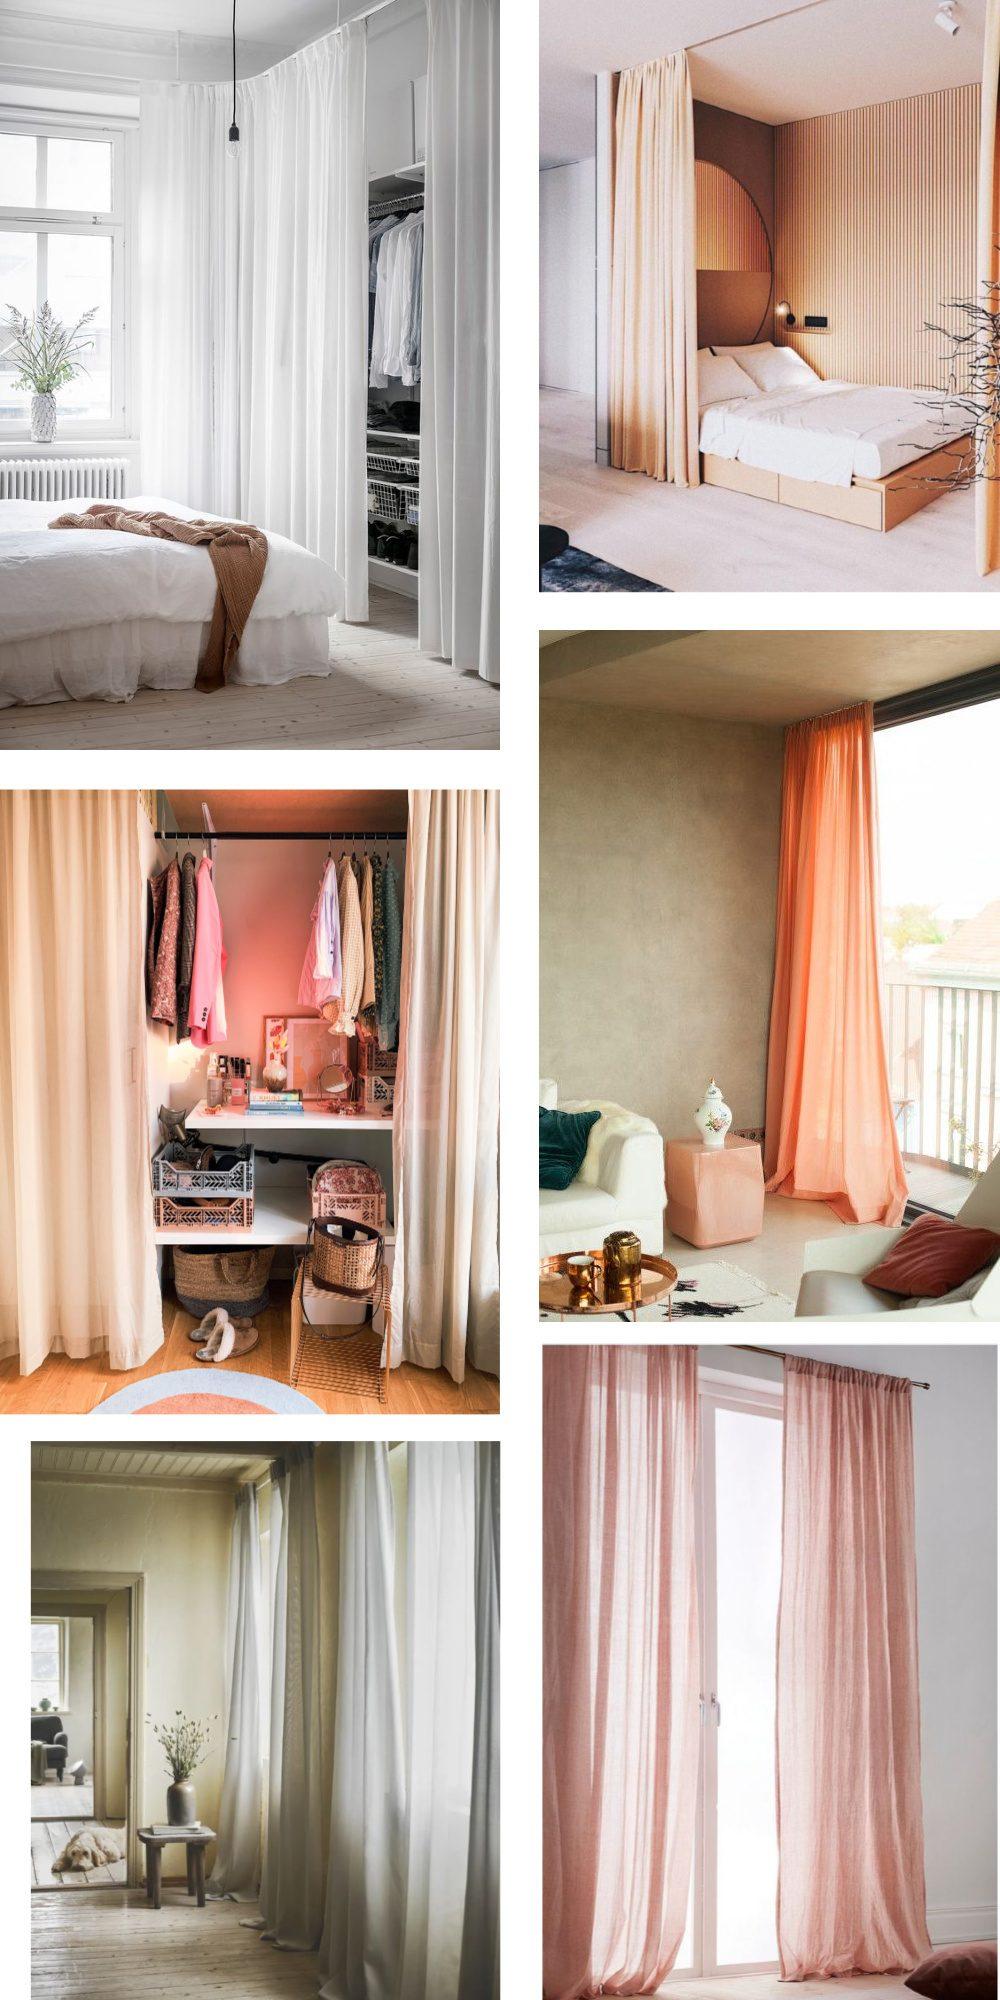 Bolig makeover: Nye gardiner til vores lejlighed 1